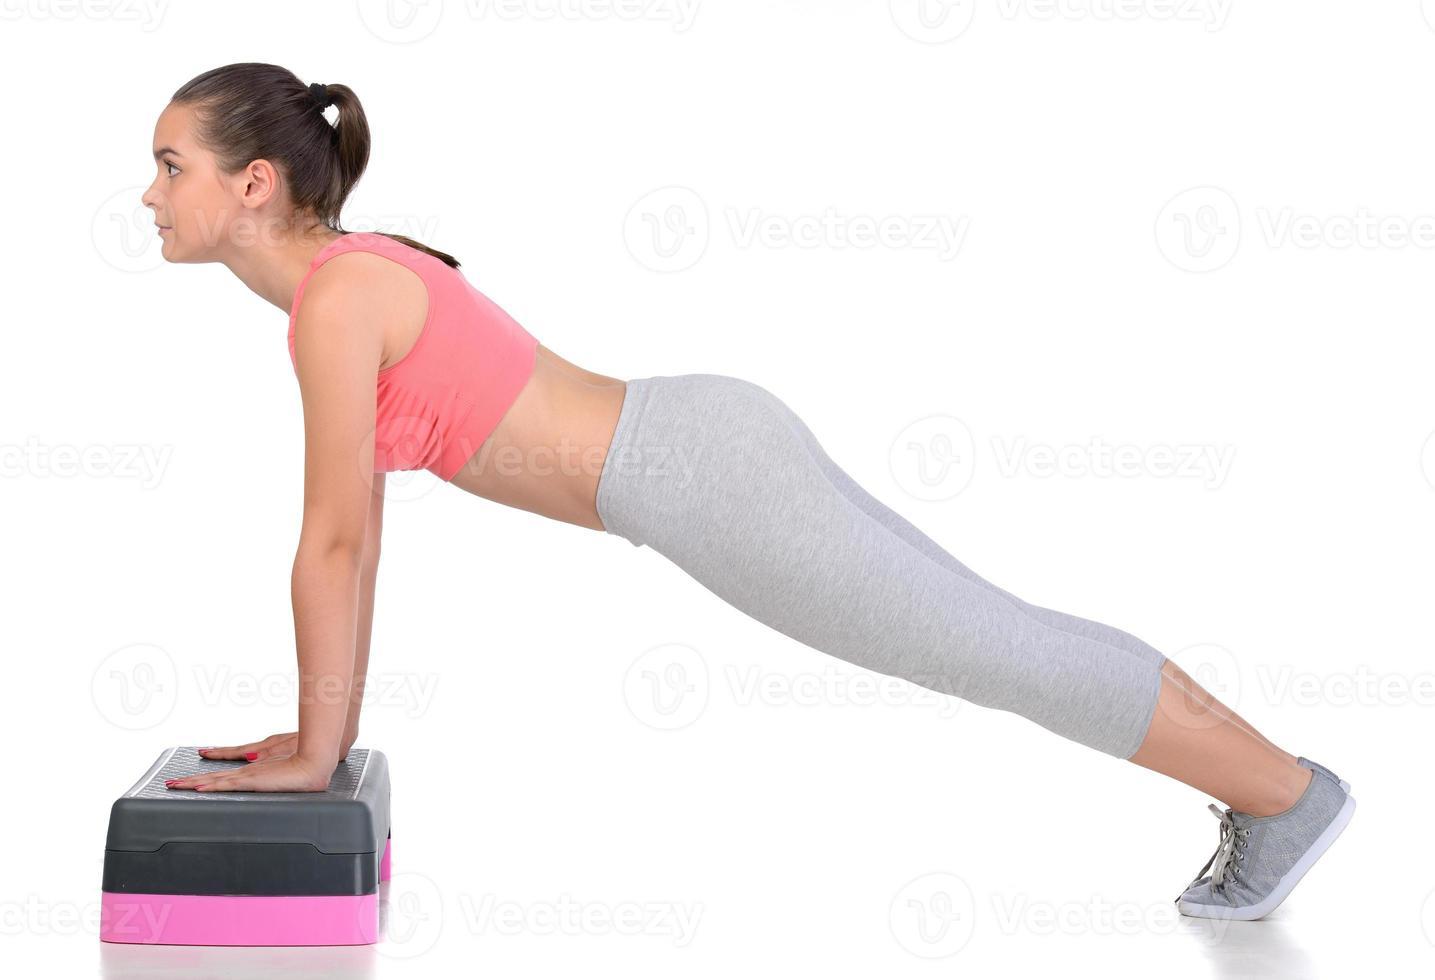 adolescente fitness foto